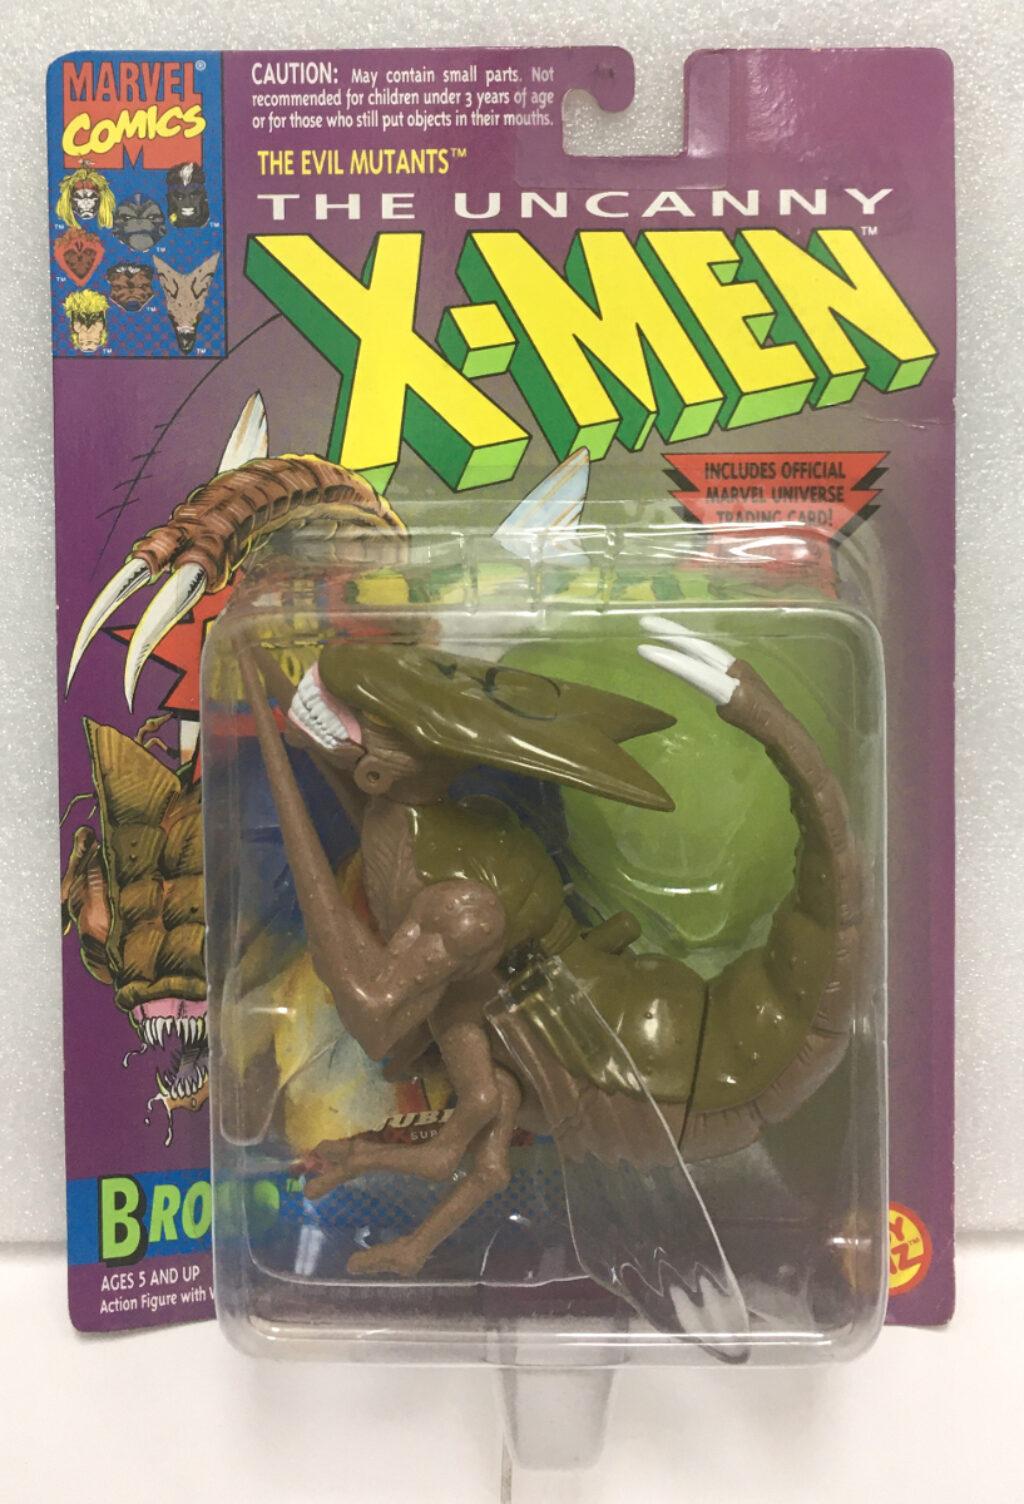 1993 toy biz x-men brood action figure 1